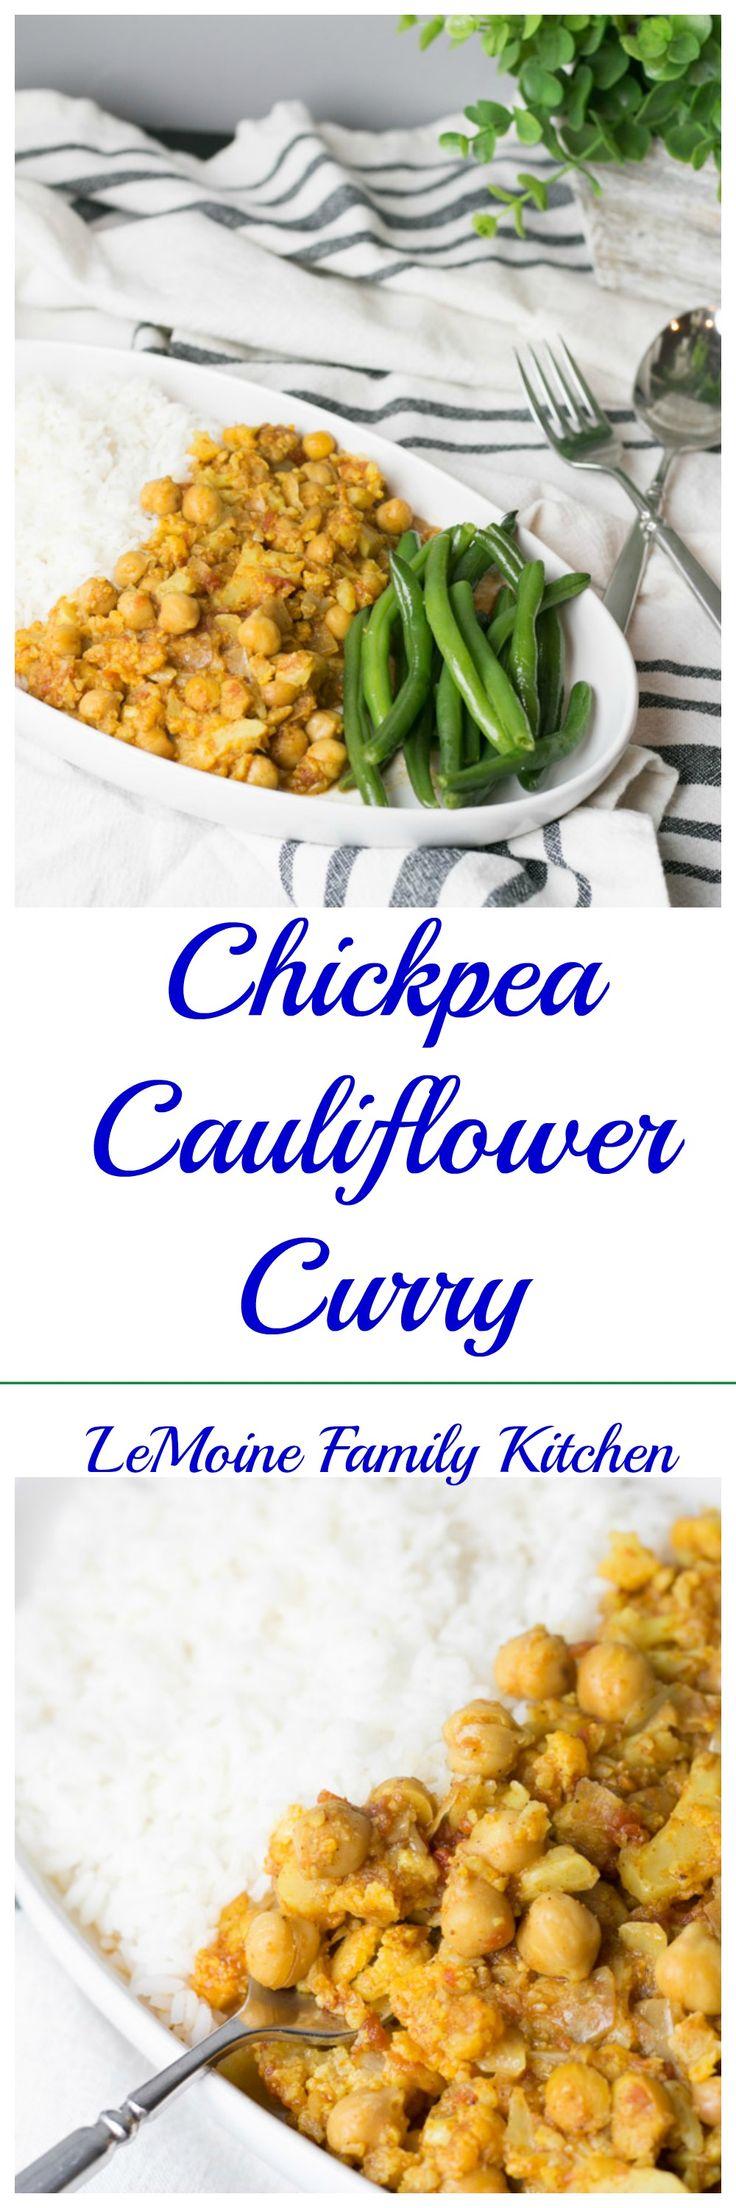 464 best LeMoine Family Kitchen images on Pinterest | Cocktail ...